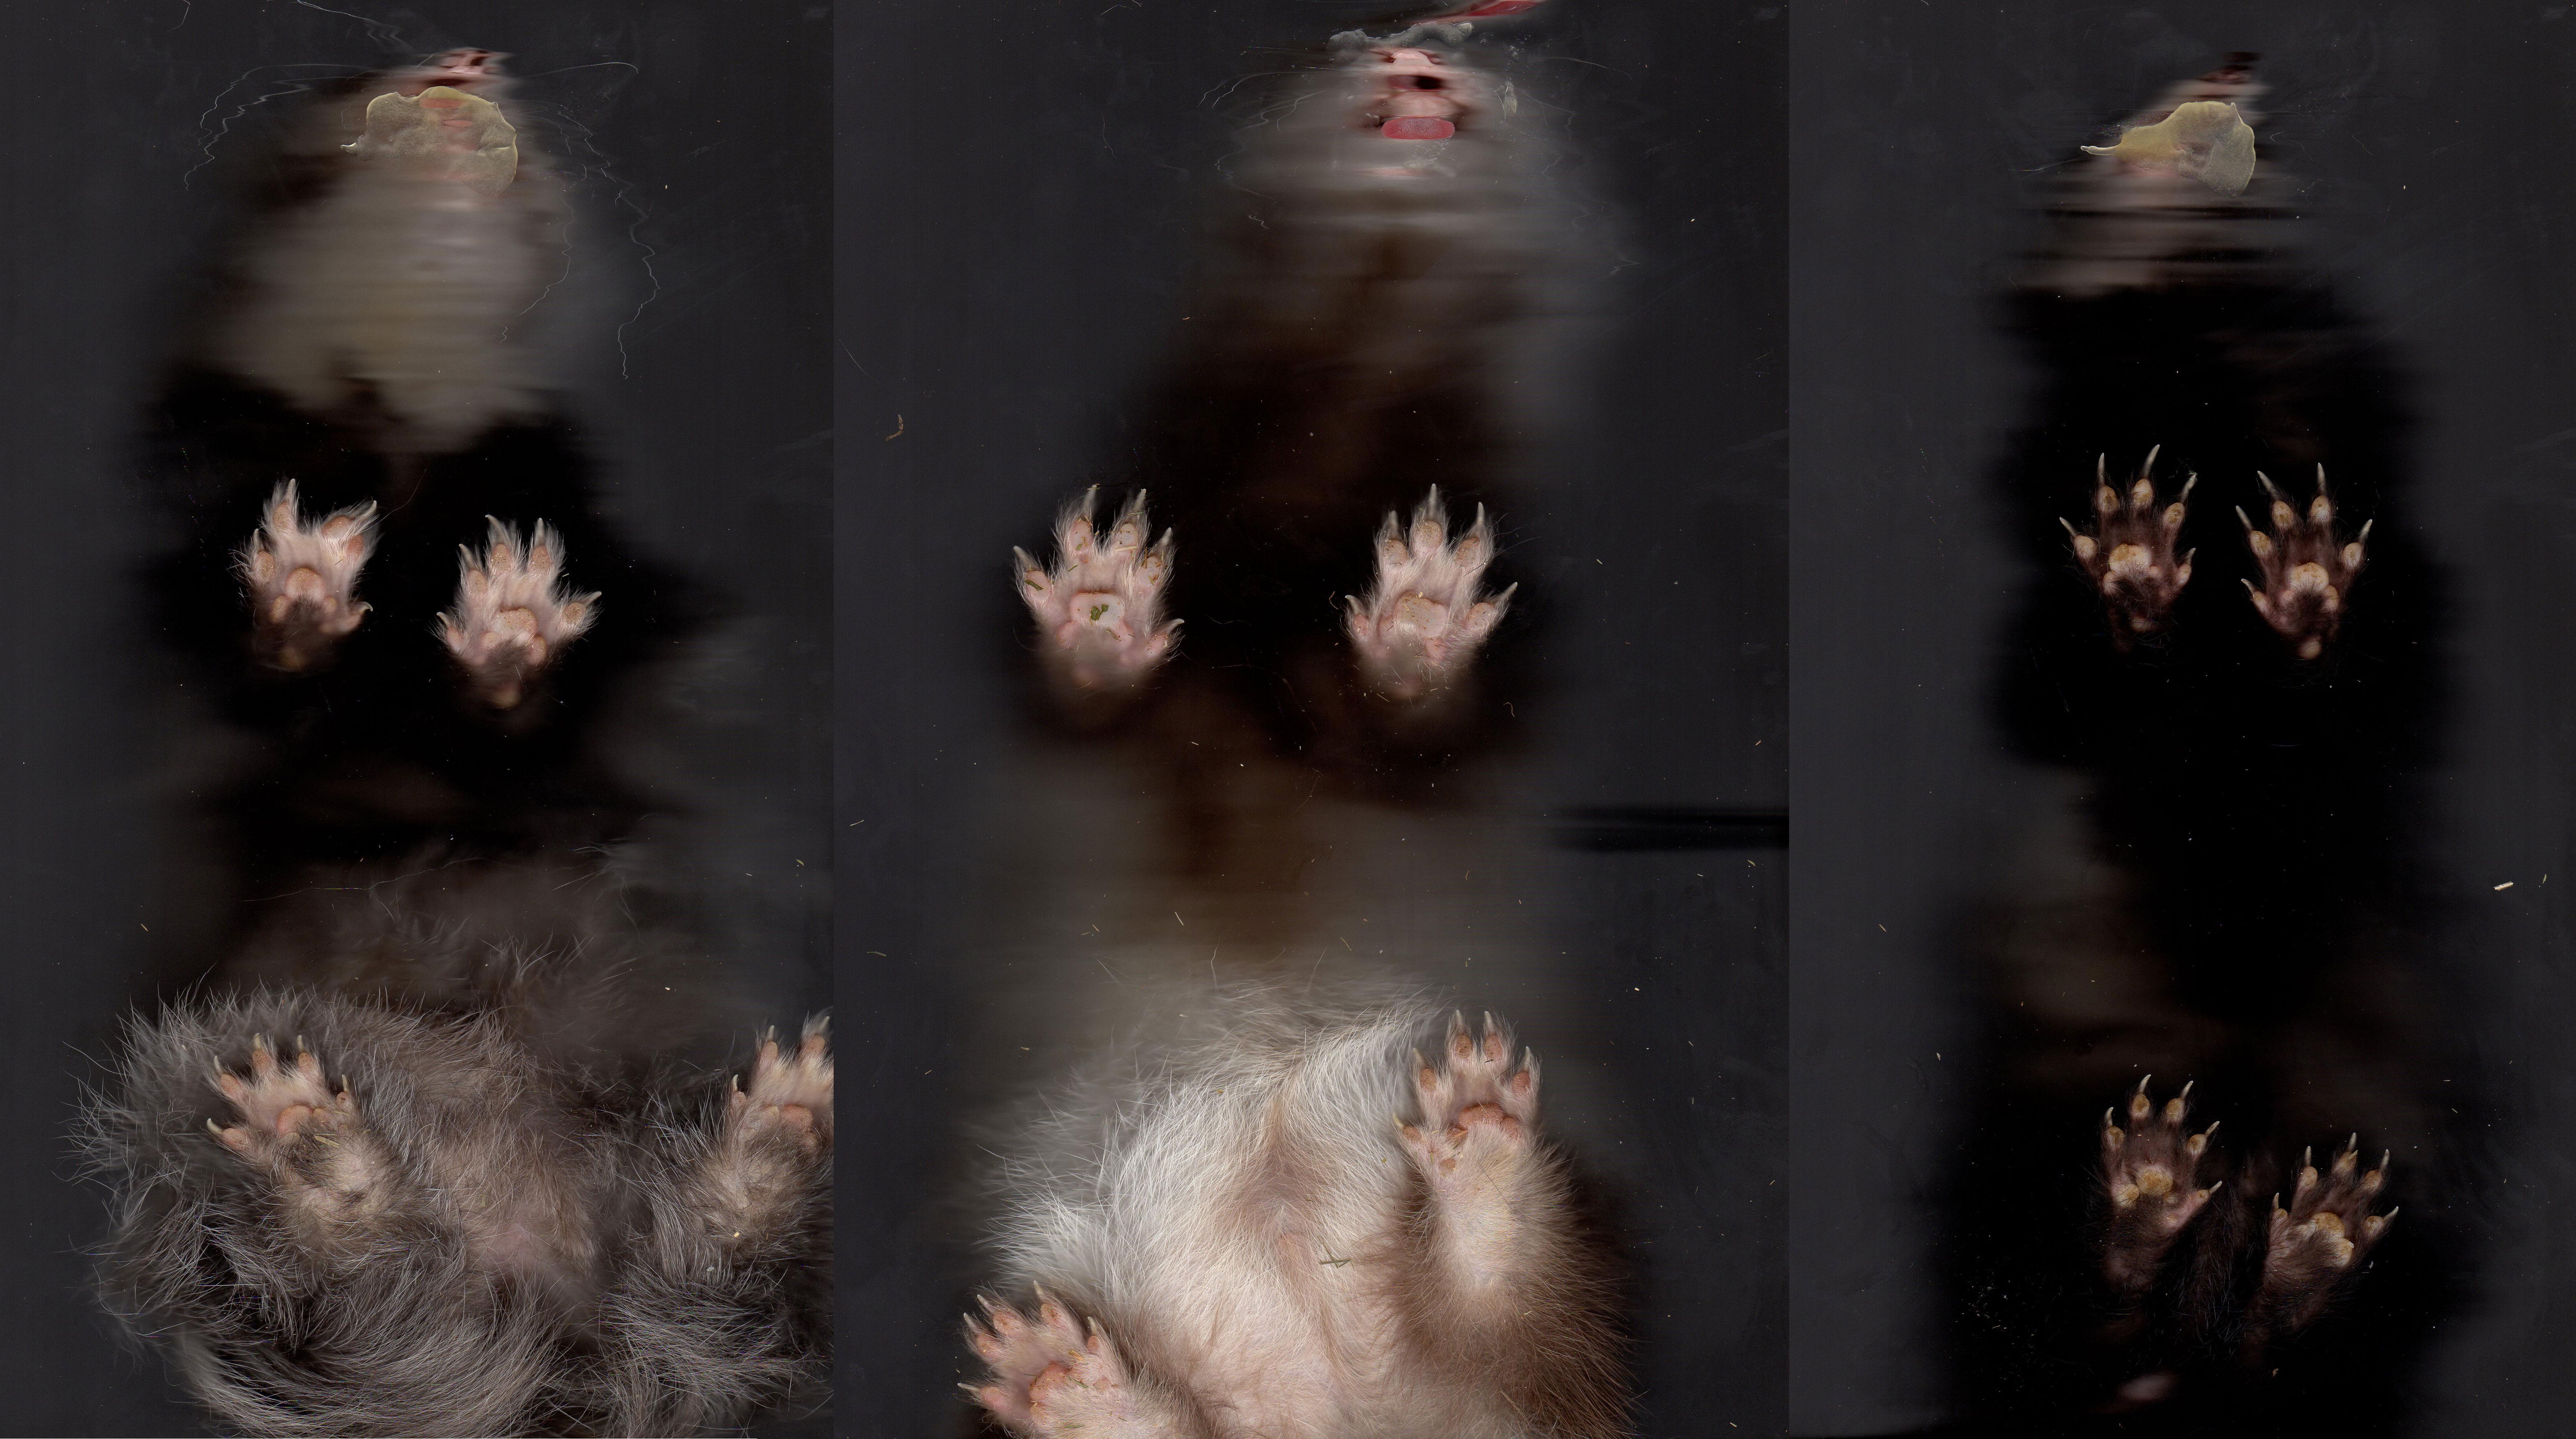 Ferret paw pads by Shegoran